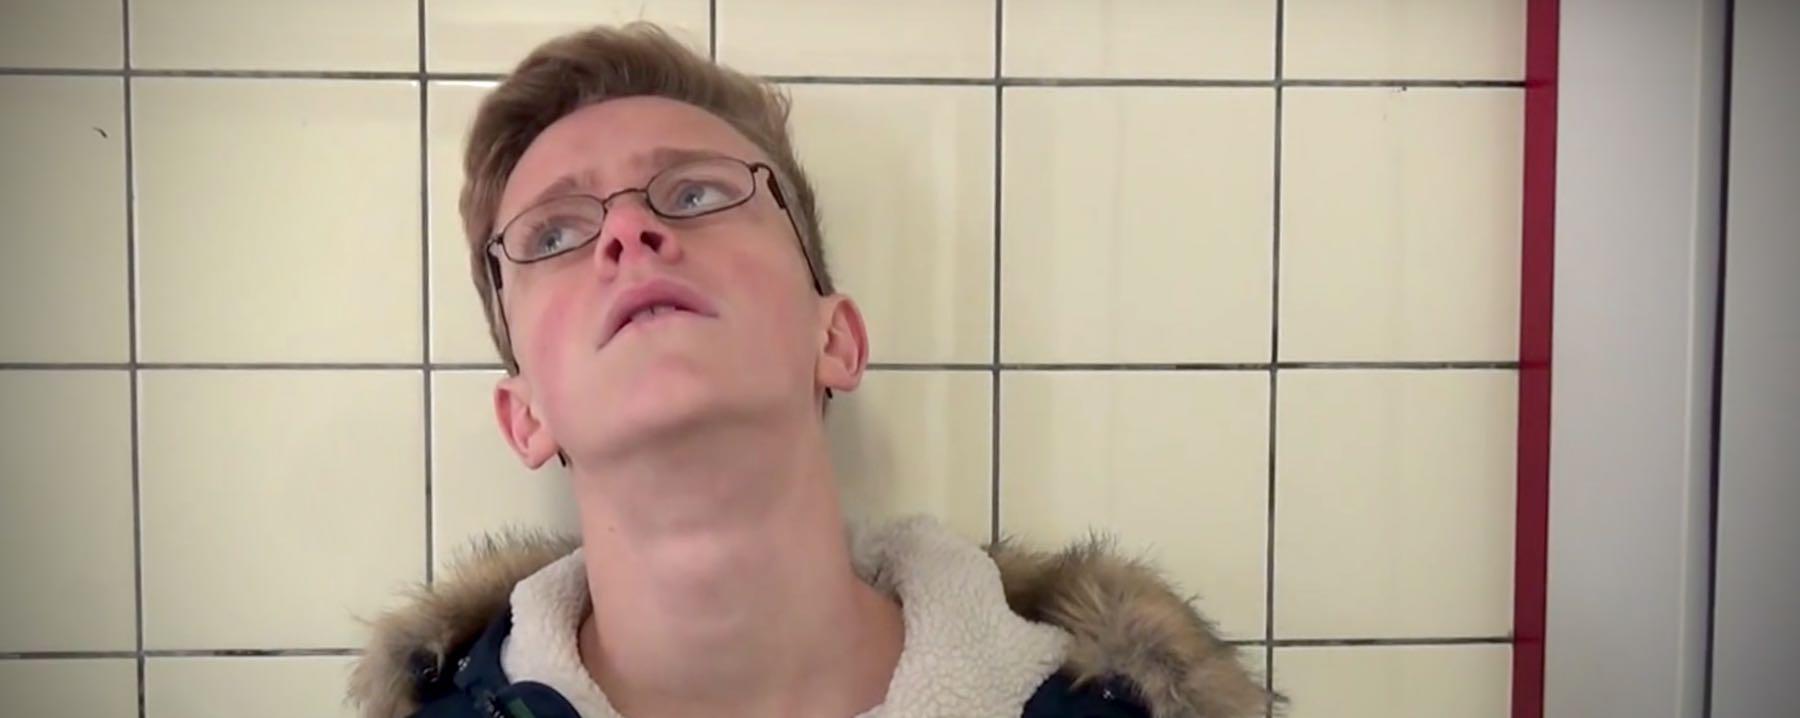 """8b Gewinnt Mit Film """"Endlosschleife"""" Einen 2. Und 3. Platz Im Filmwettbewerb """"ganz Schön Ungerecht"""""""